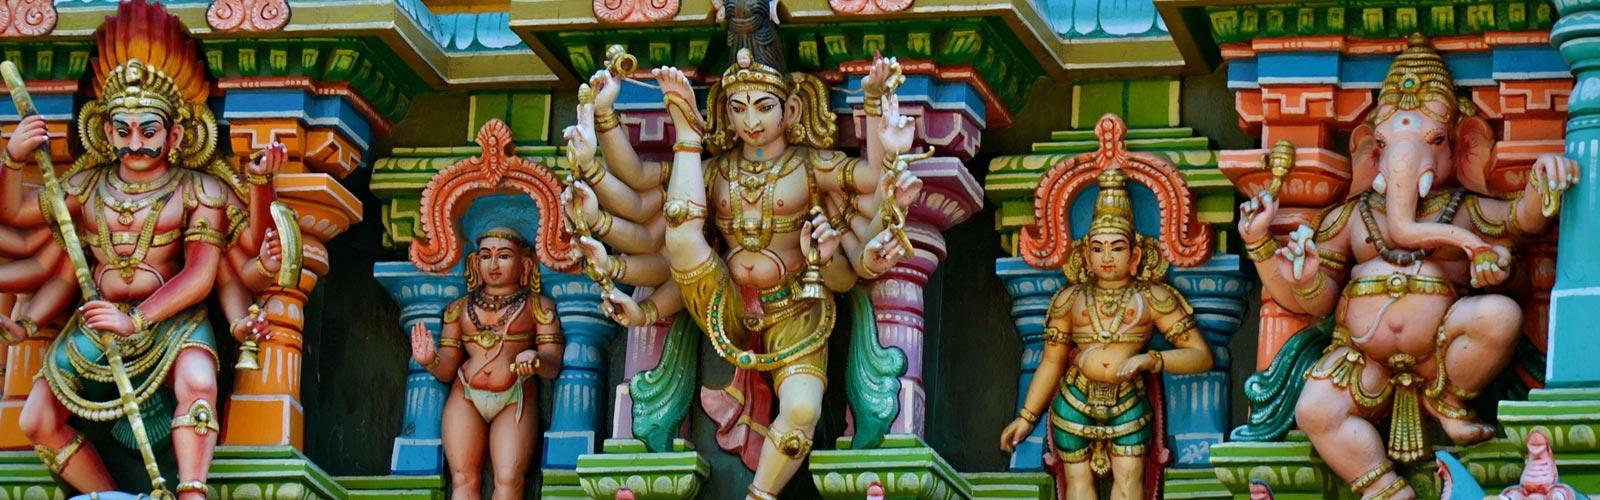 Viaje a India del Sur. 16 Ago.